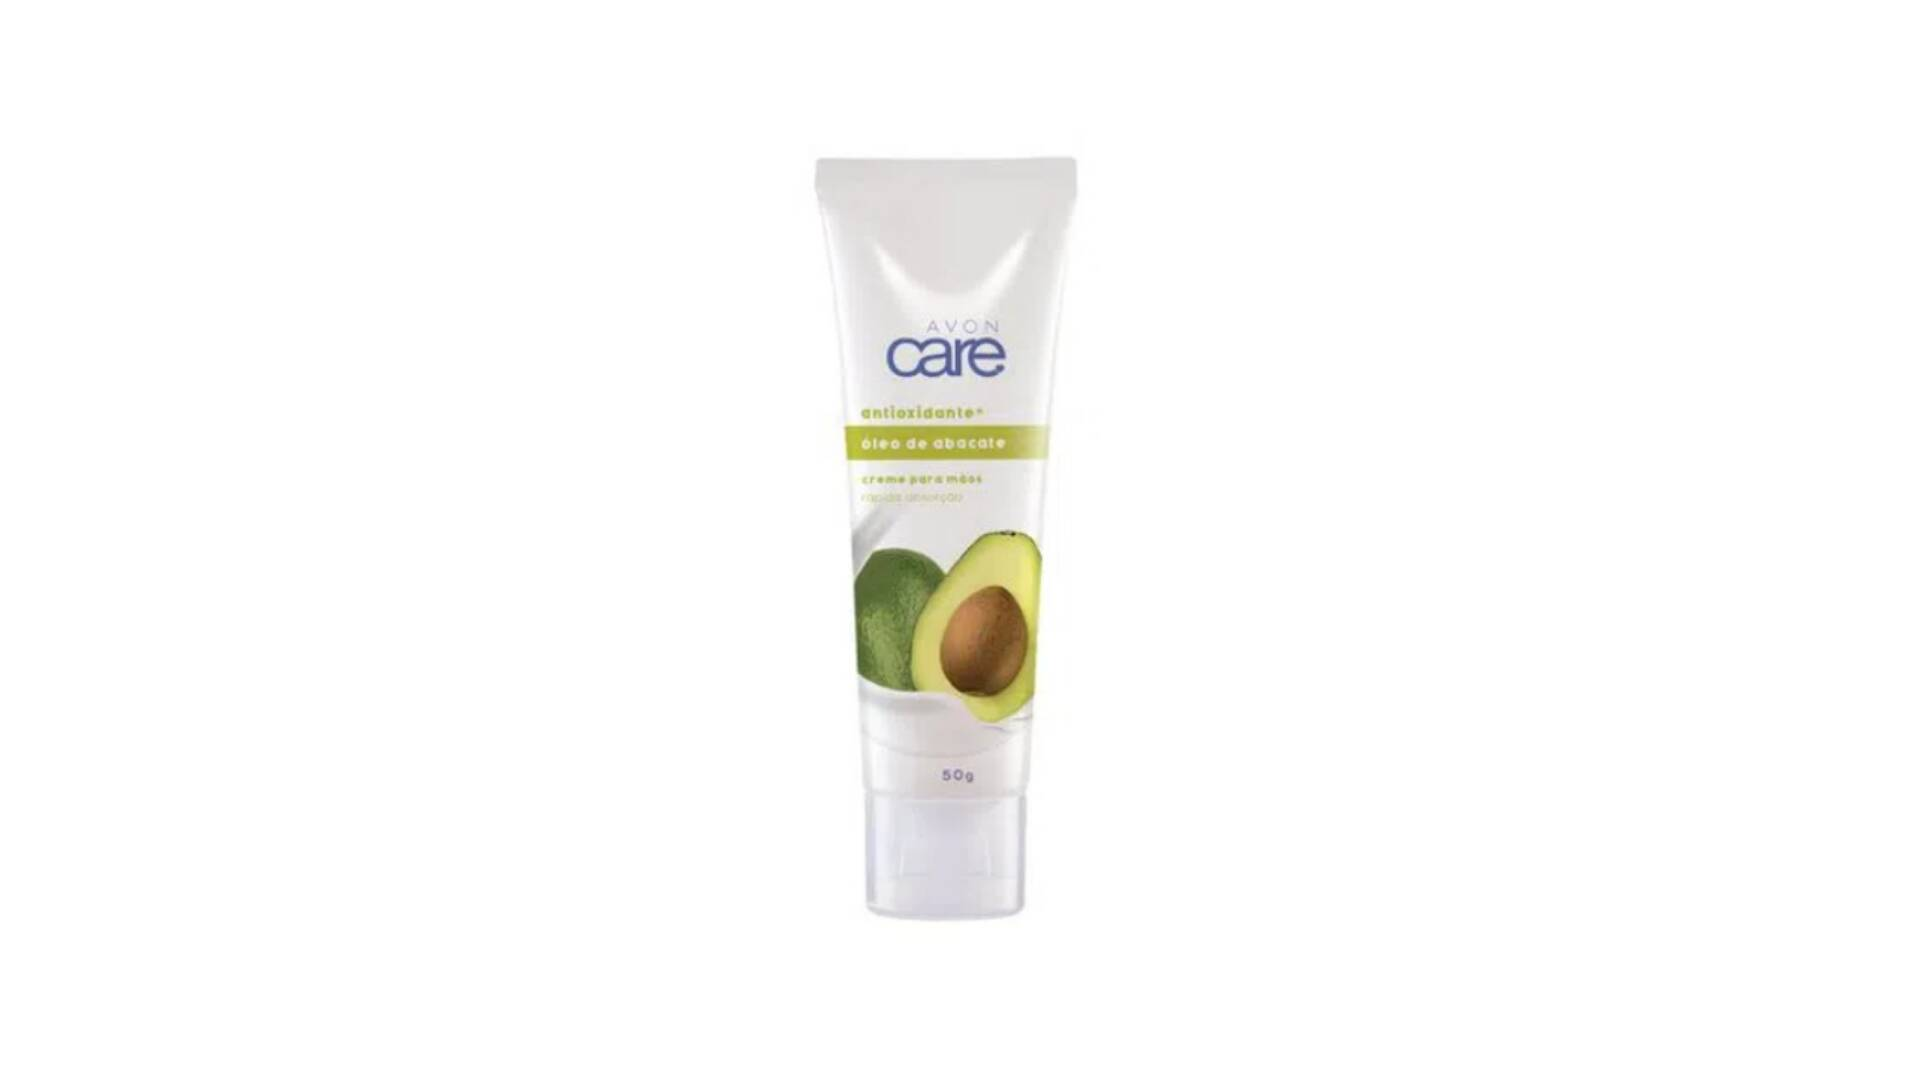 Com fórmula nutritiva contém óleo de abacate e vitamina E. É absorvido pela pele em até 30 segundos. R$ 8,99. Foto: Divulgação